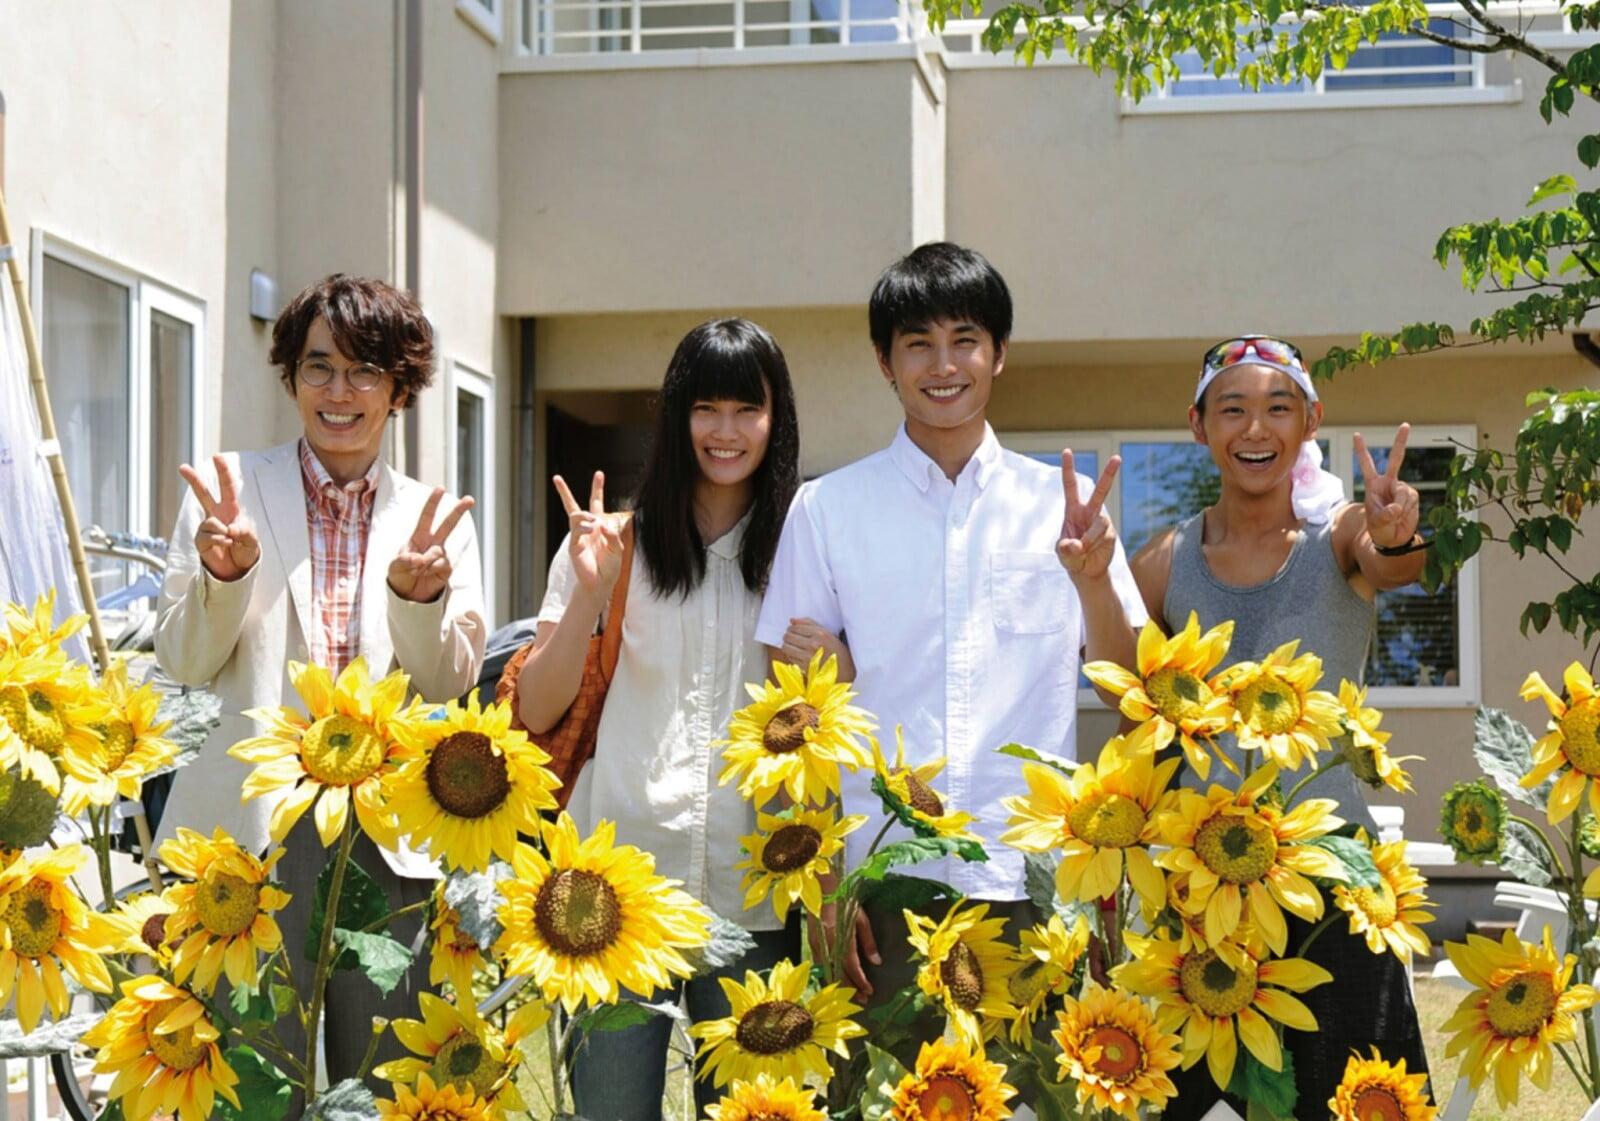 左から、ユースケ・サンタマリア、橋本愛、中村蒼、須賀健太